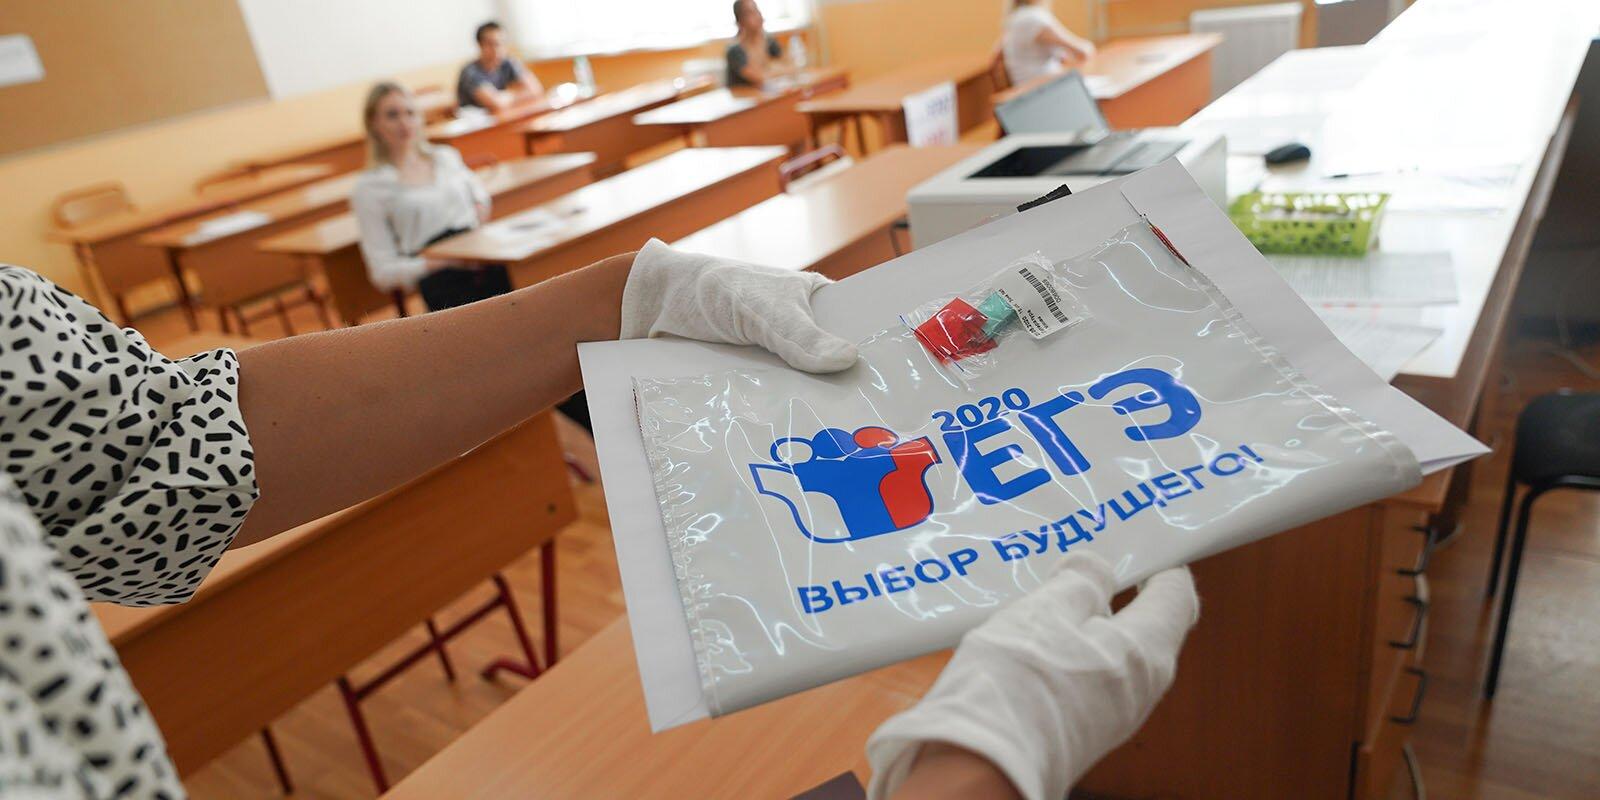 Итоги 2020-го и планы на 2021-й: как развивается столичная система образования